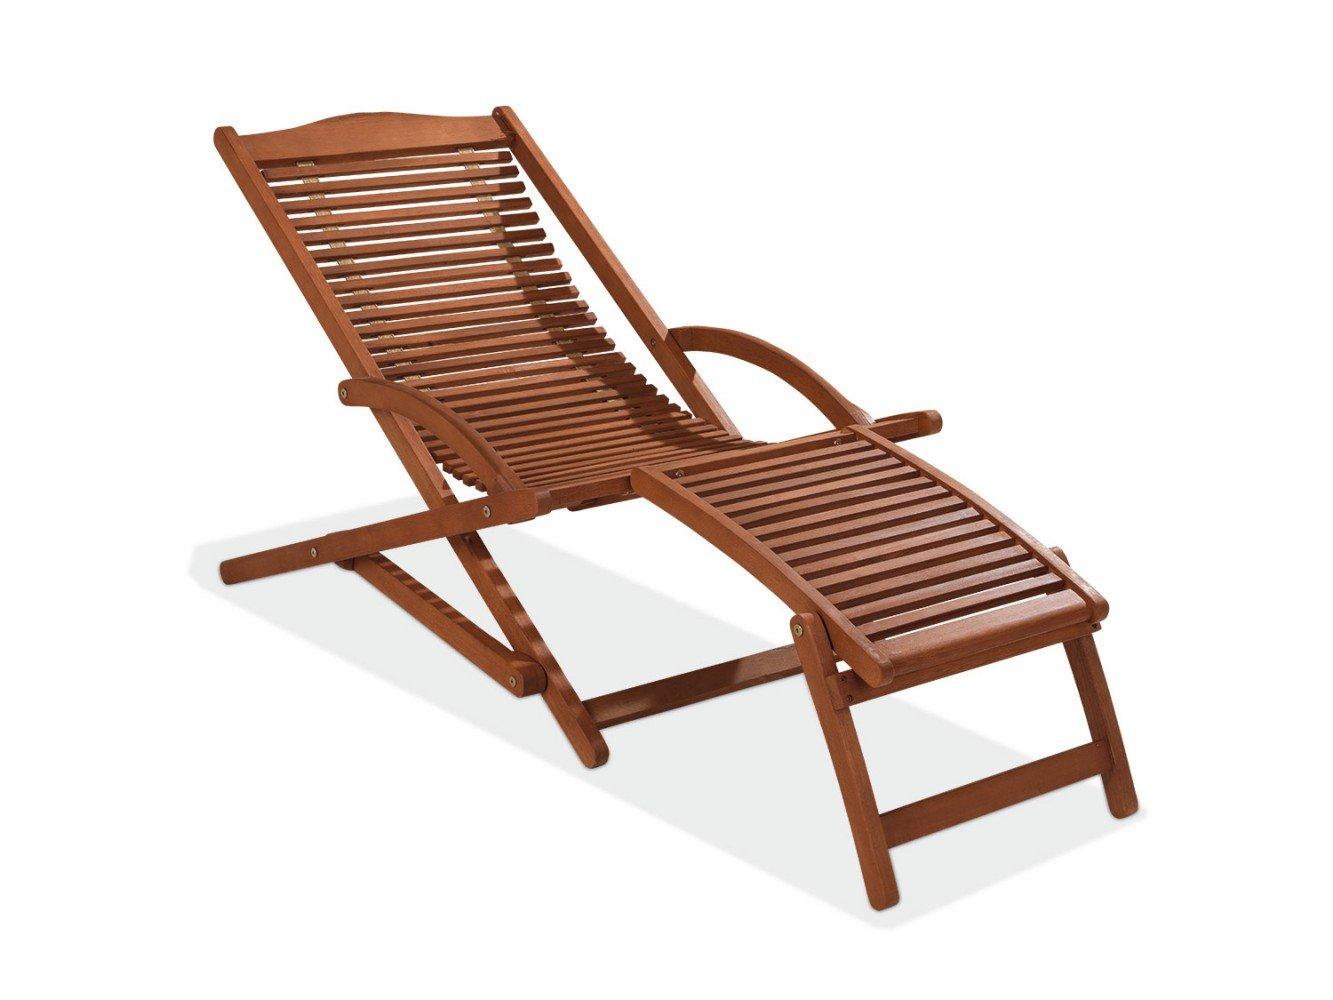 Gartenliege Sonnenliege Holz Copa online kaufen